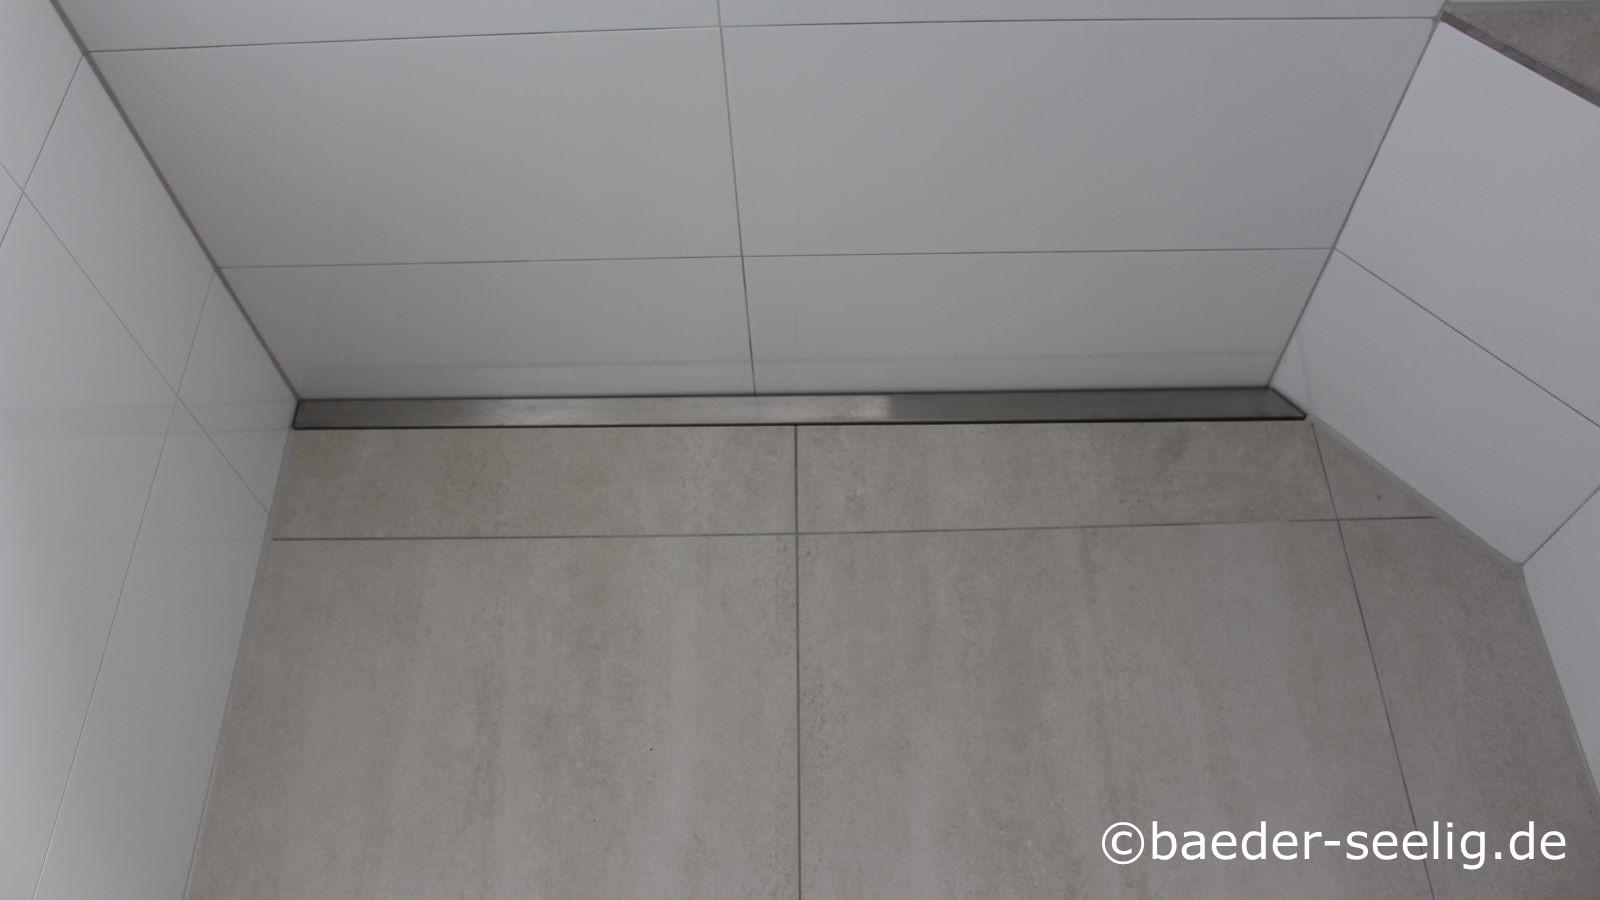 Abgebildet ist die v4a edelstahl-duschrinne pro in einer sonderanfertigung mit 90 Grad winkel links für die standard wandecke und individuellem winkel rechts für eine wandecke in einem anderen winkel. Die duschrinne ist wandbuendig montiert in einer nachtraeglich eingebauten bodengleichen dusche. Die wandaufkantungen der duschbablaufrinne sind ebenfalls individuell ausgefuehrt fuer diese duschplanung.